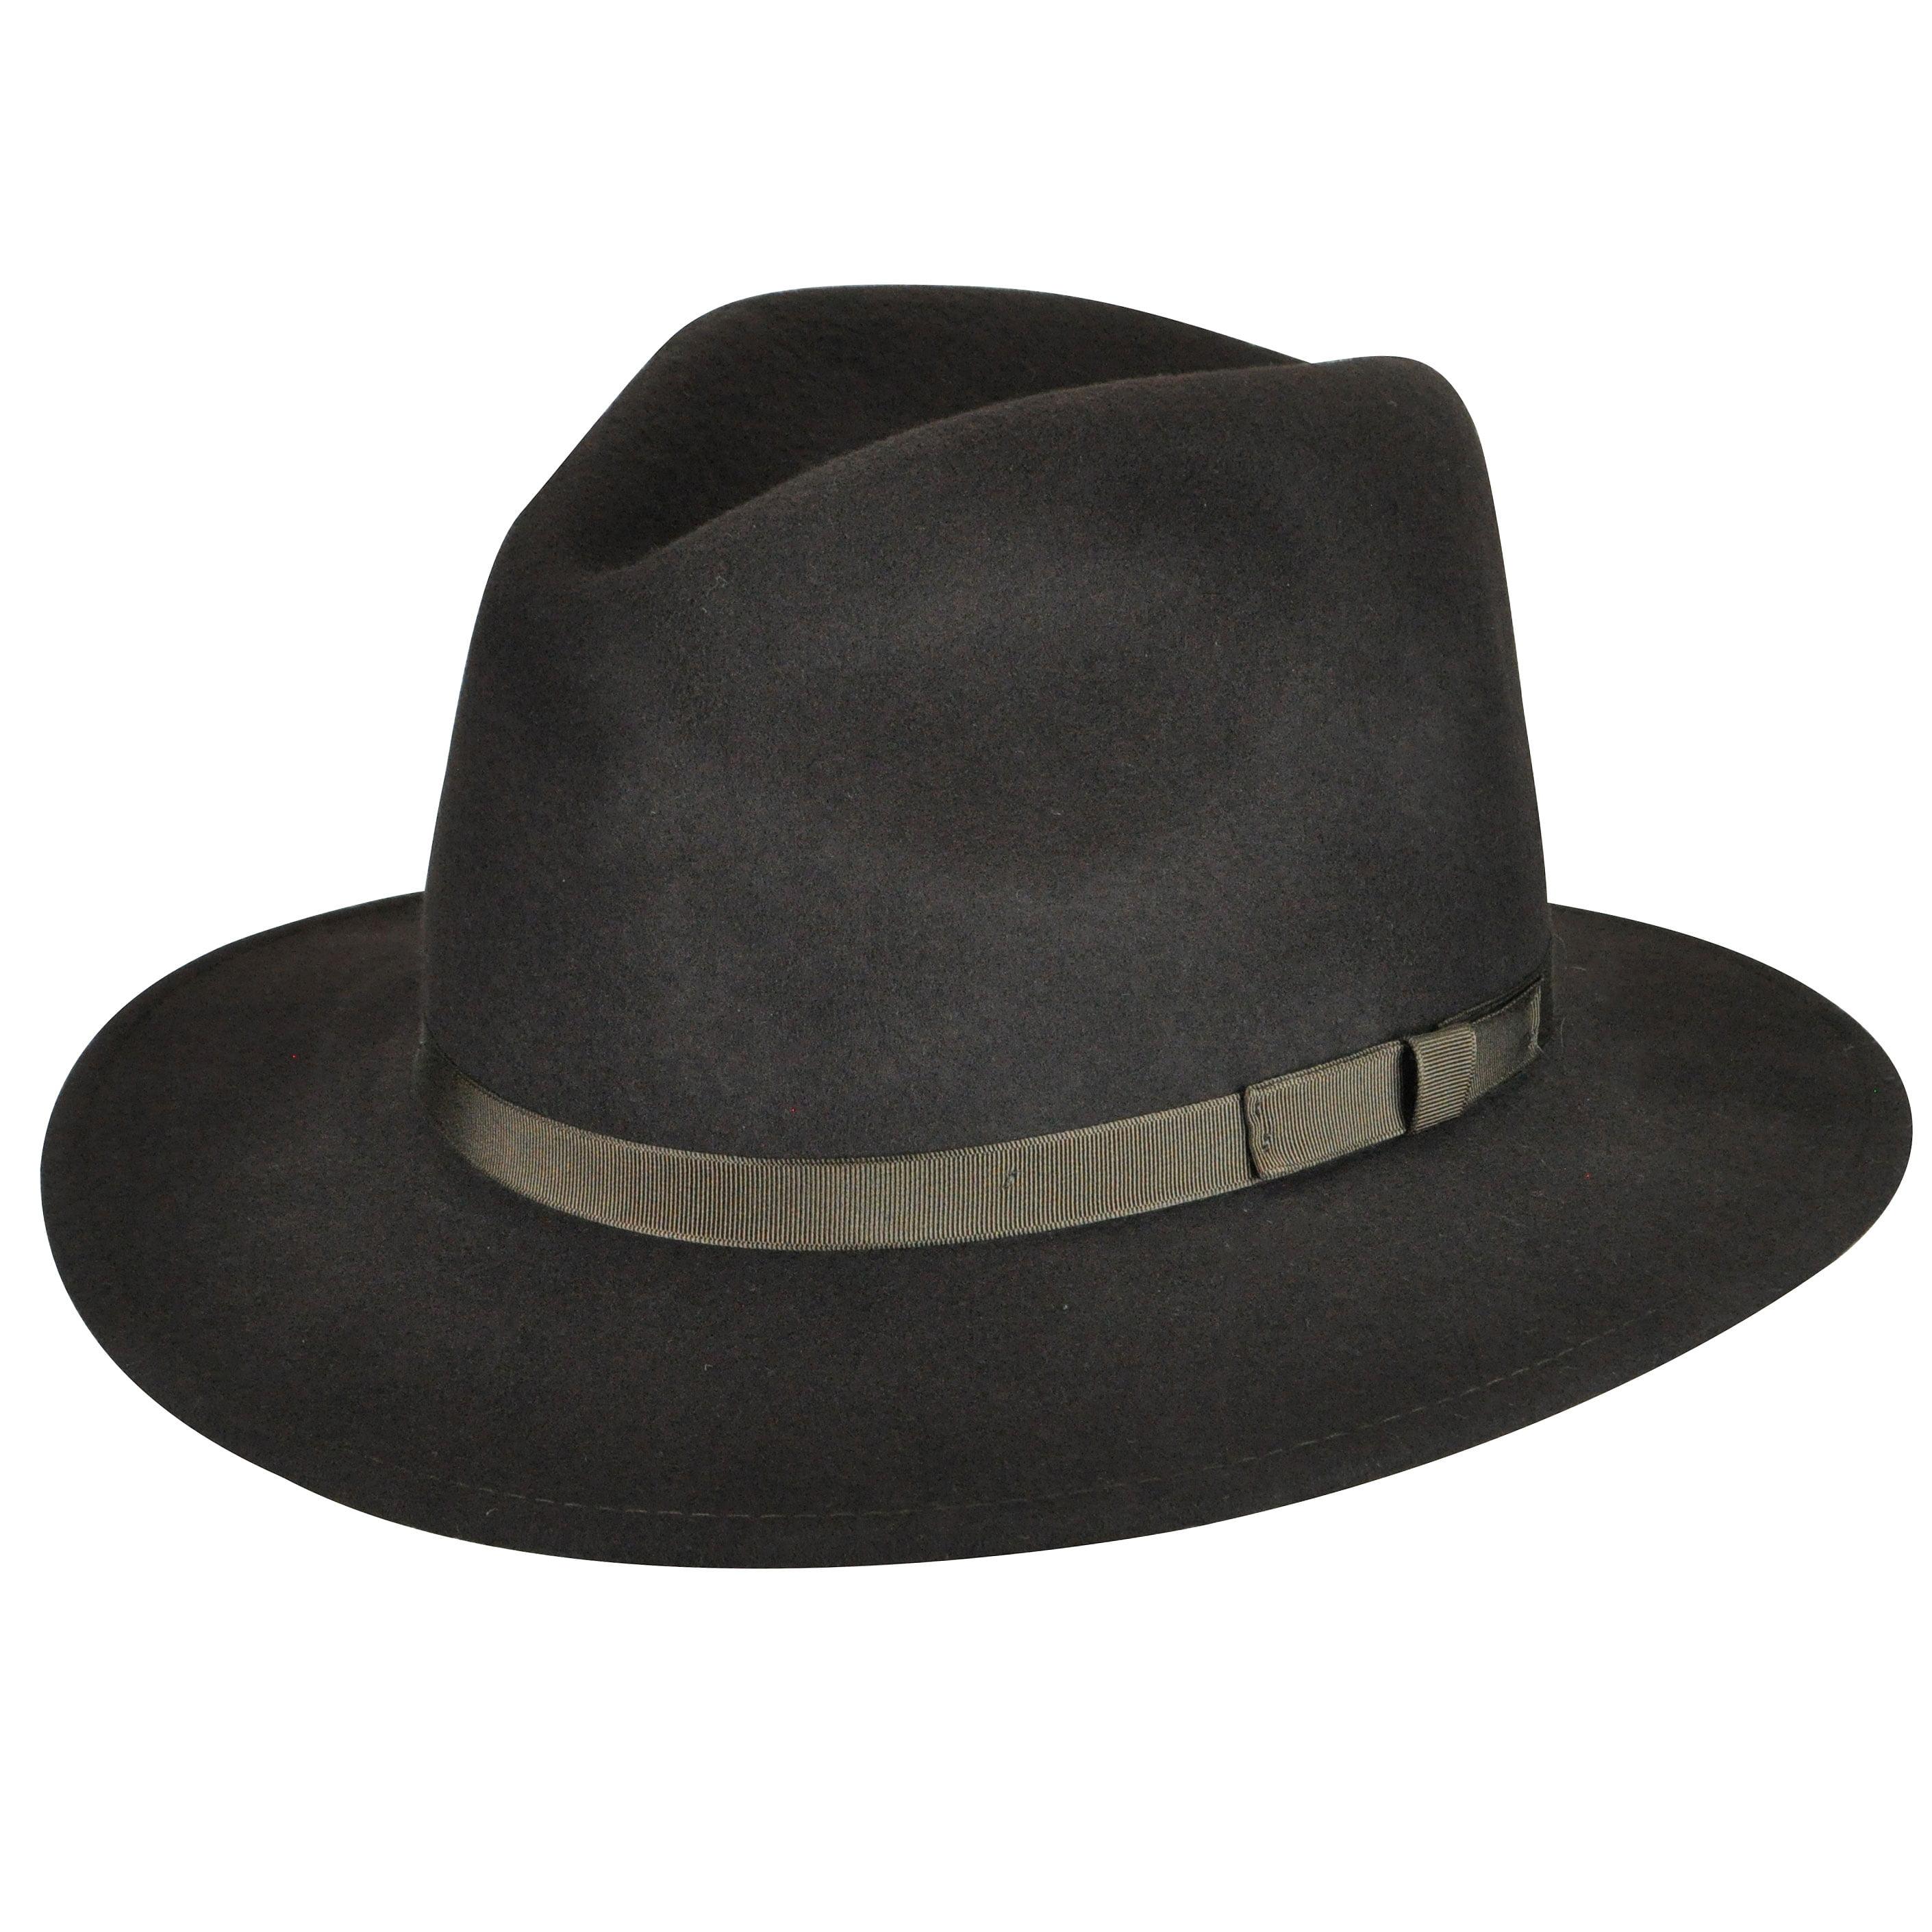 Country Gentleman - Country Gentleman Men Wilton Fedora Hat - Walmart.com e4ed50b5978